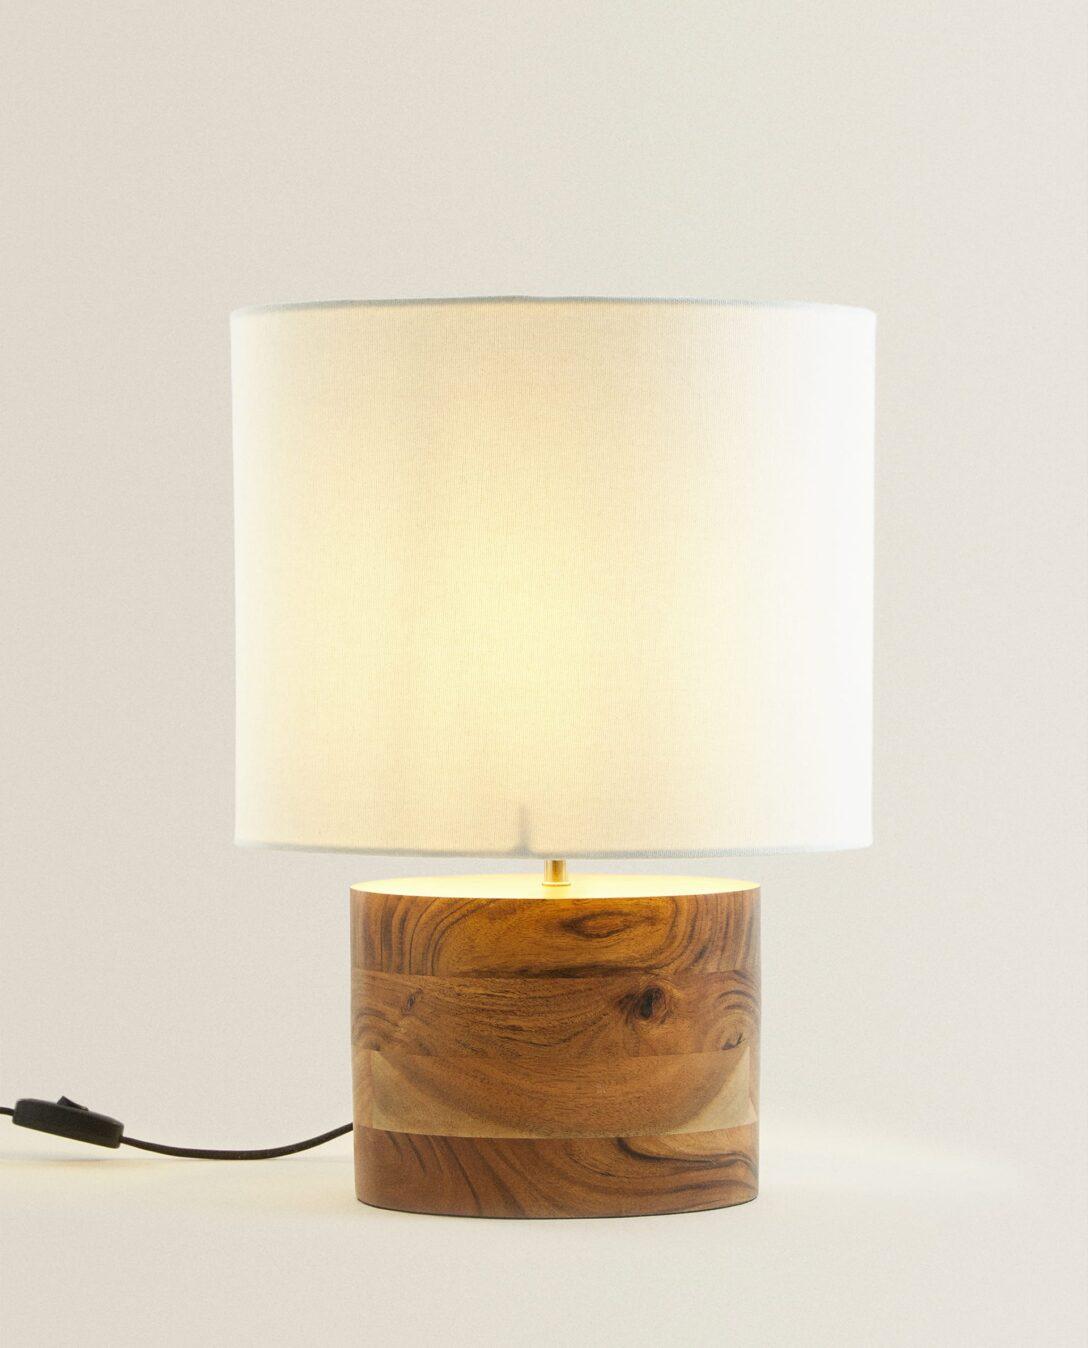 Large Size of Ikea Tischlampe Wohnzimmer Led Amazon Lampe Modern Designer Tischlampen Dimmbar Ebay Holz Timit Holzfuss Lampen Und Beleuchtung Relaxliege Wandtattoo Deko Wohnzimmer Wohnzimmer Tischlampe